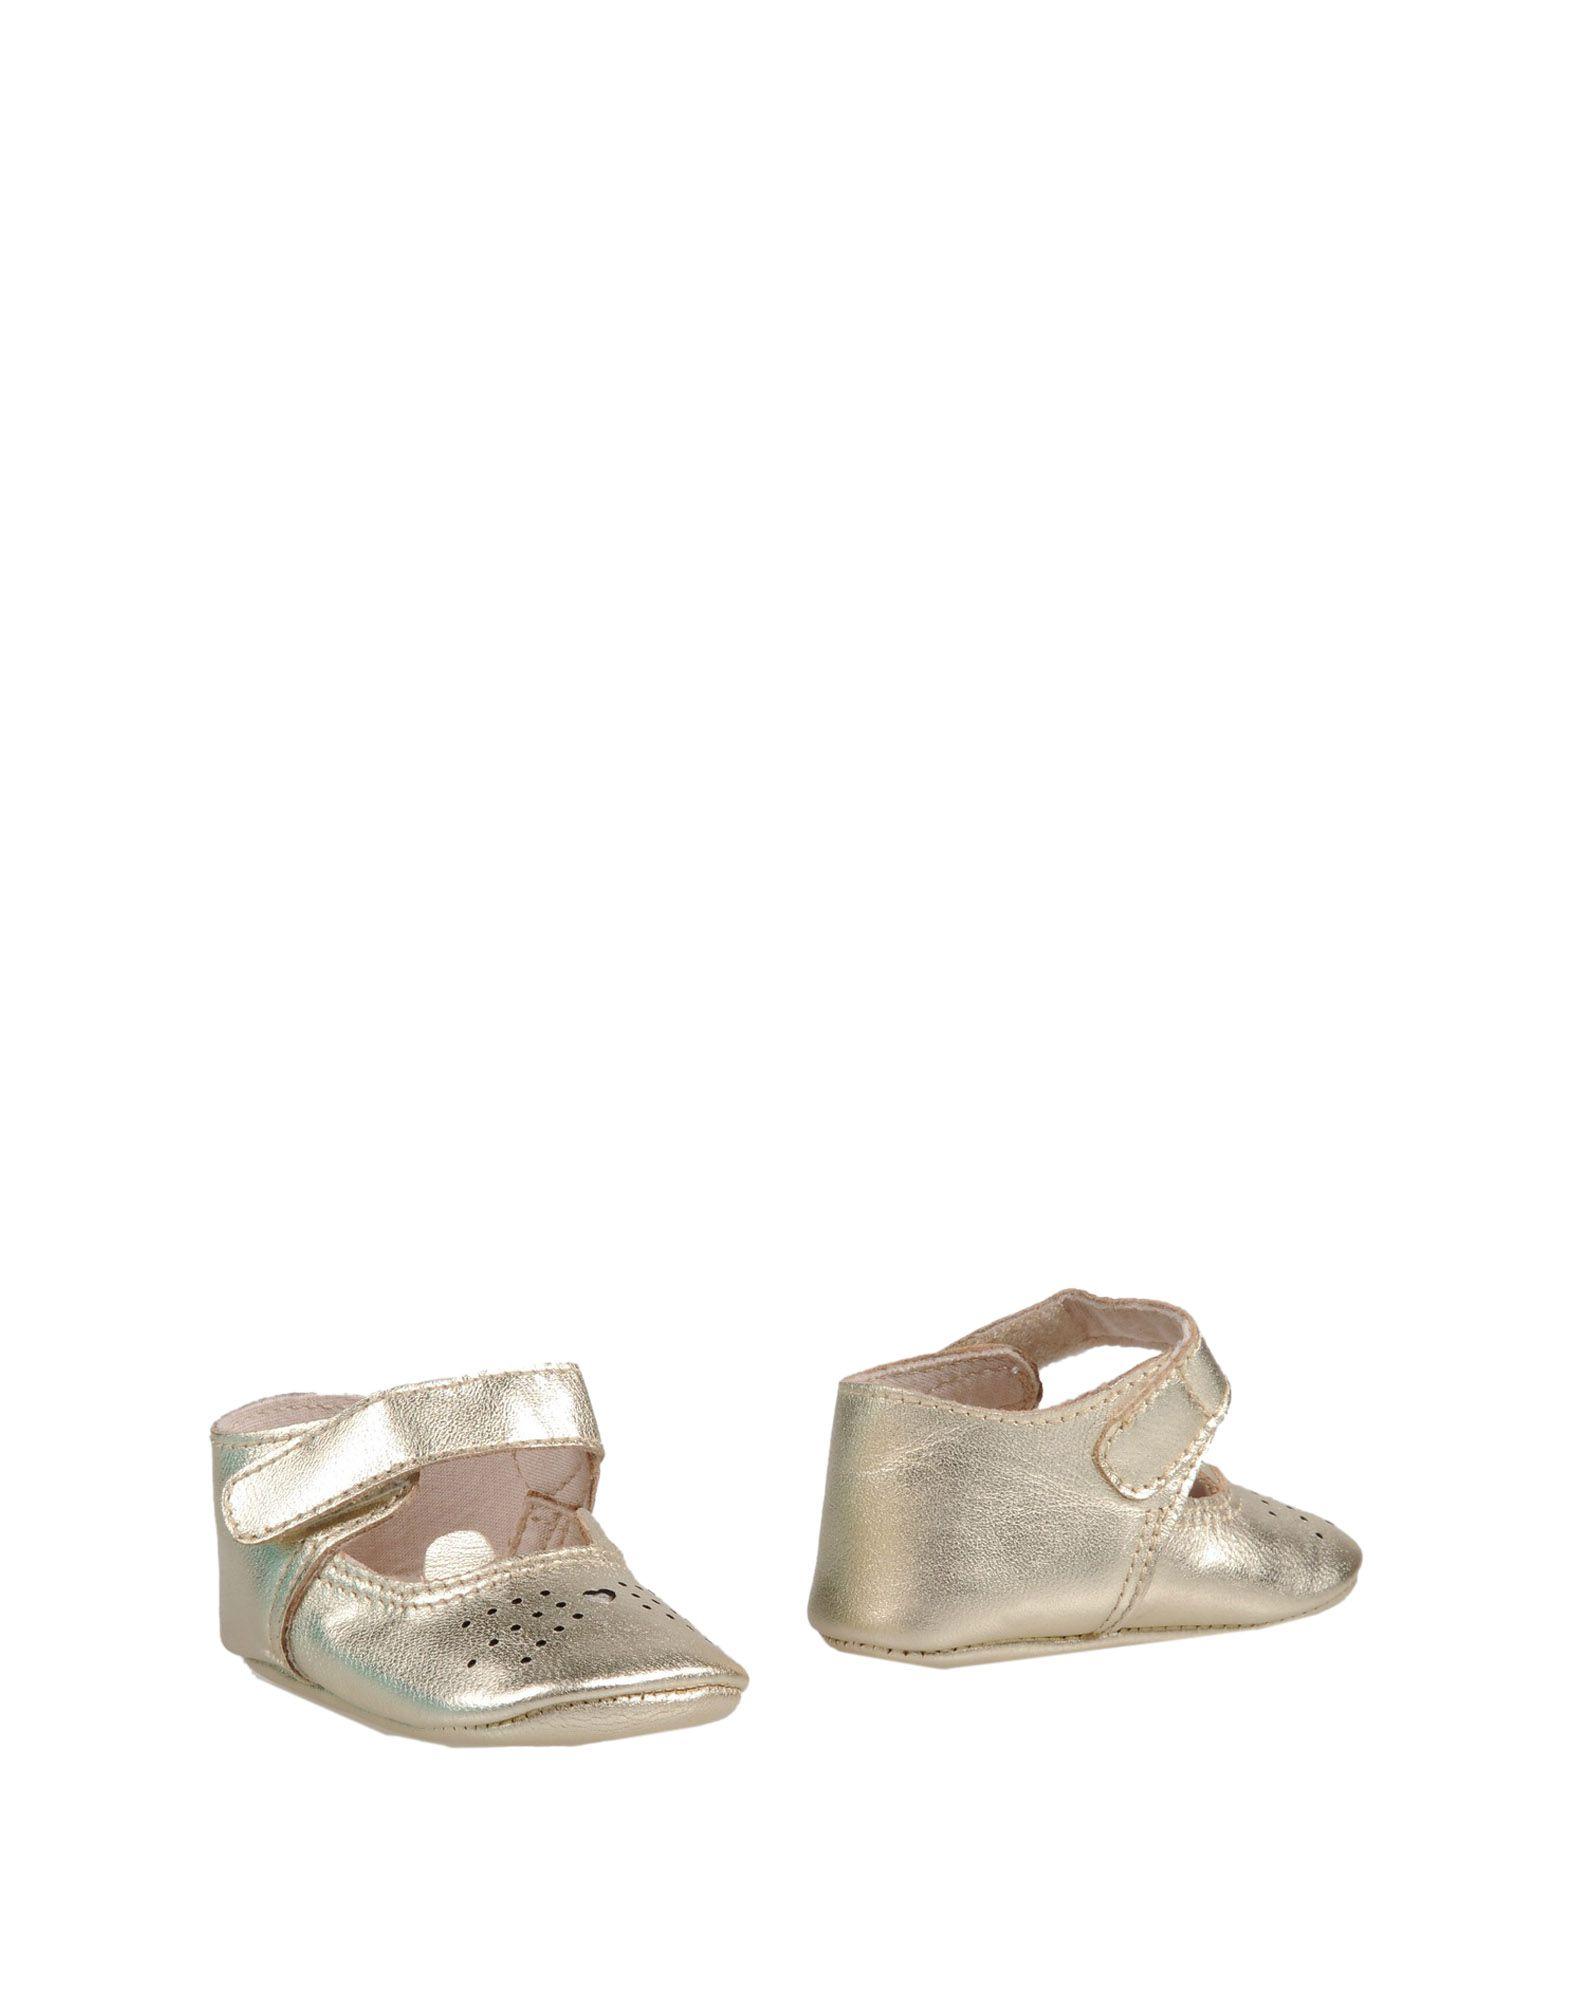 LILI GAUFRETTE Обувь для новорожденных цены онлайн